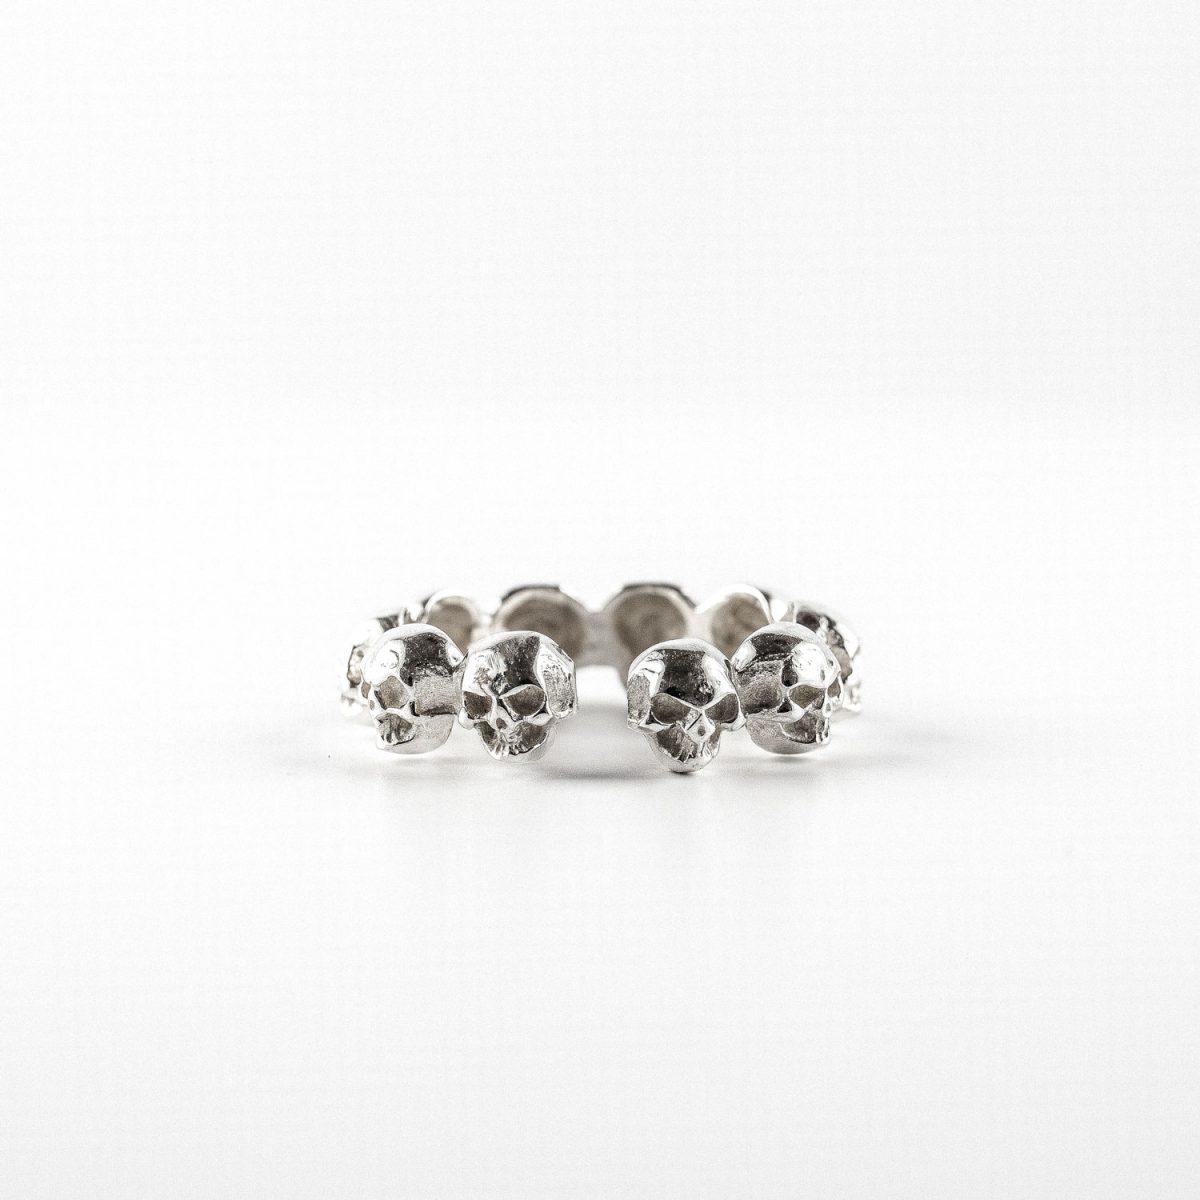 perle-de-jade-bague-skulls-argent-massif-925